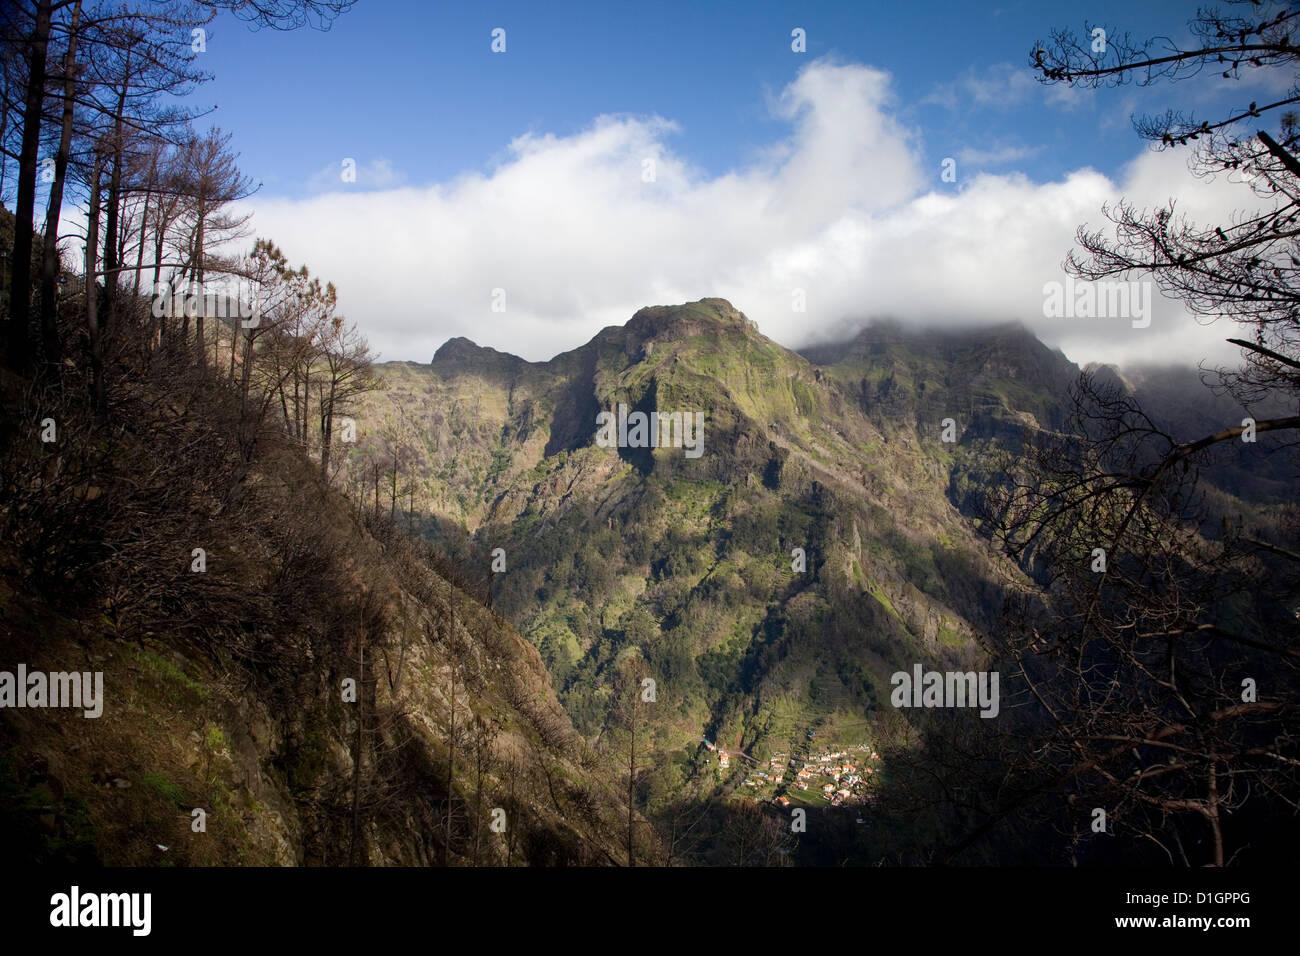 Eira do Serrado, with a view to Nun's Valley & the village of Curral das Freiras, Madeira, Portugal. - Stock Image